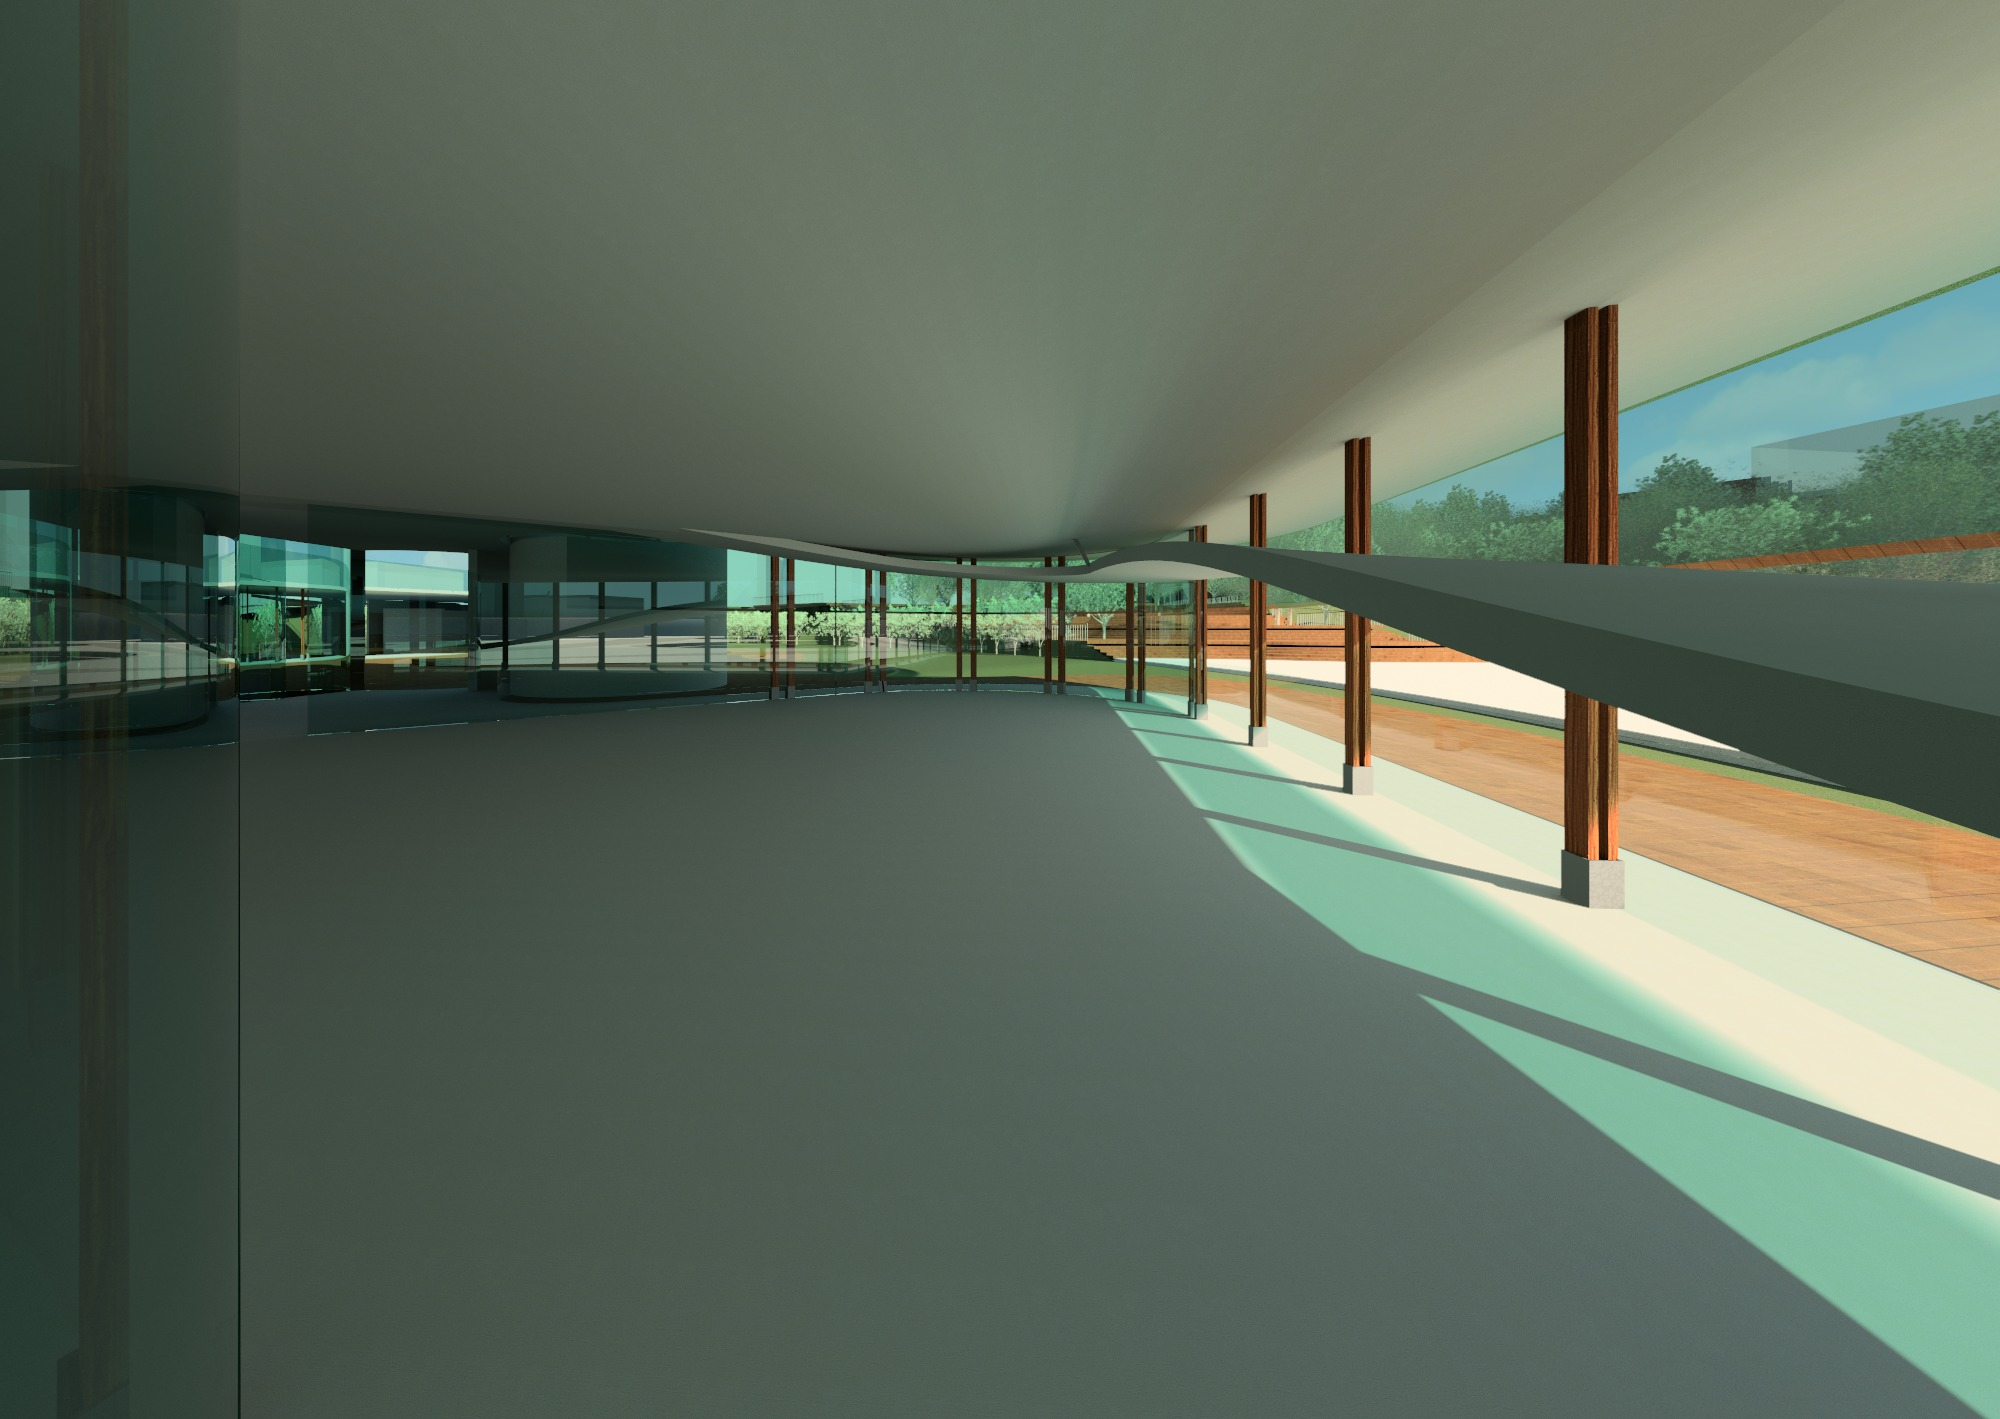 Raas-rendering20150312-1309-1hgcs9i